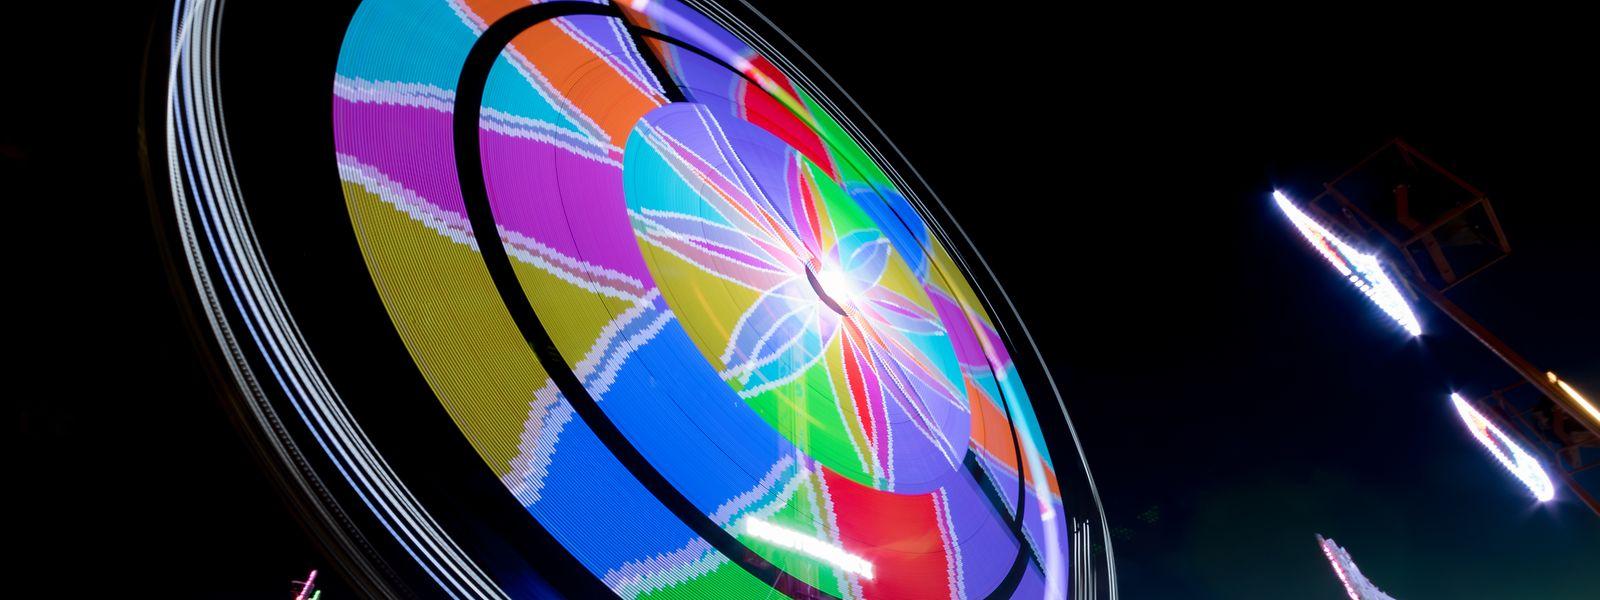 La roue a fini sa course mercredi 11 septembre au soir. Rendez-vous l'année prochaine!